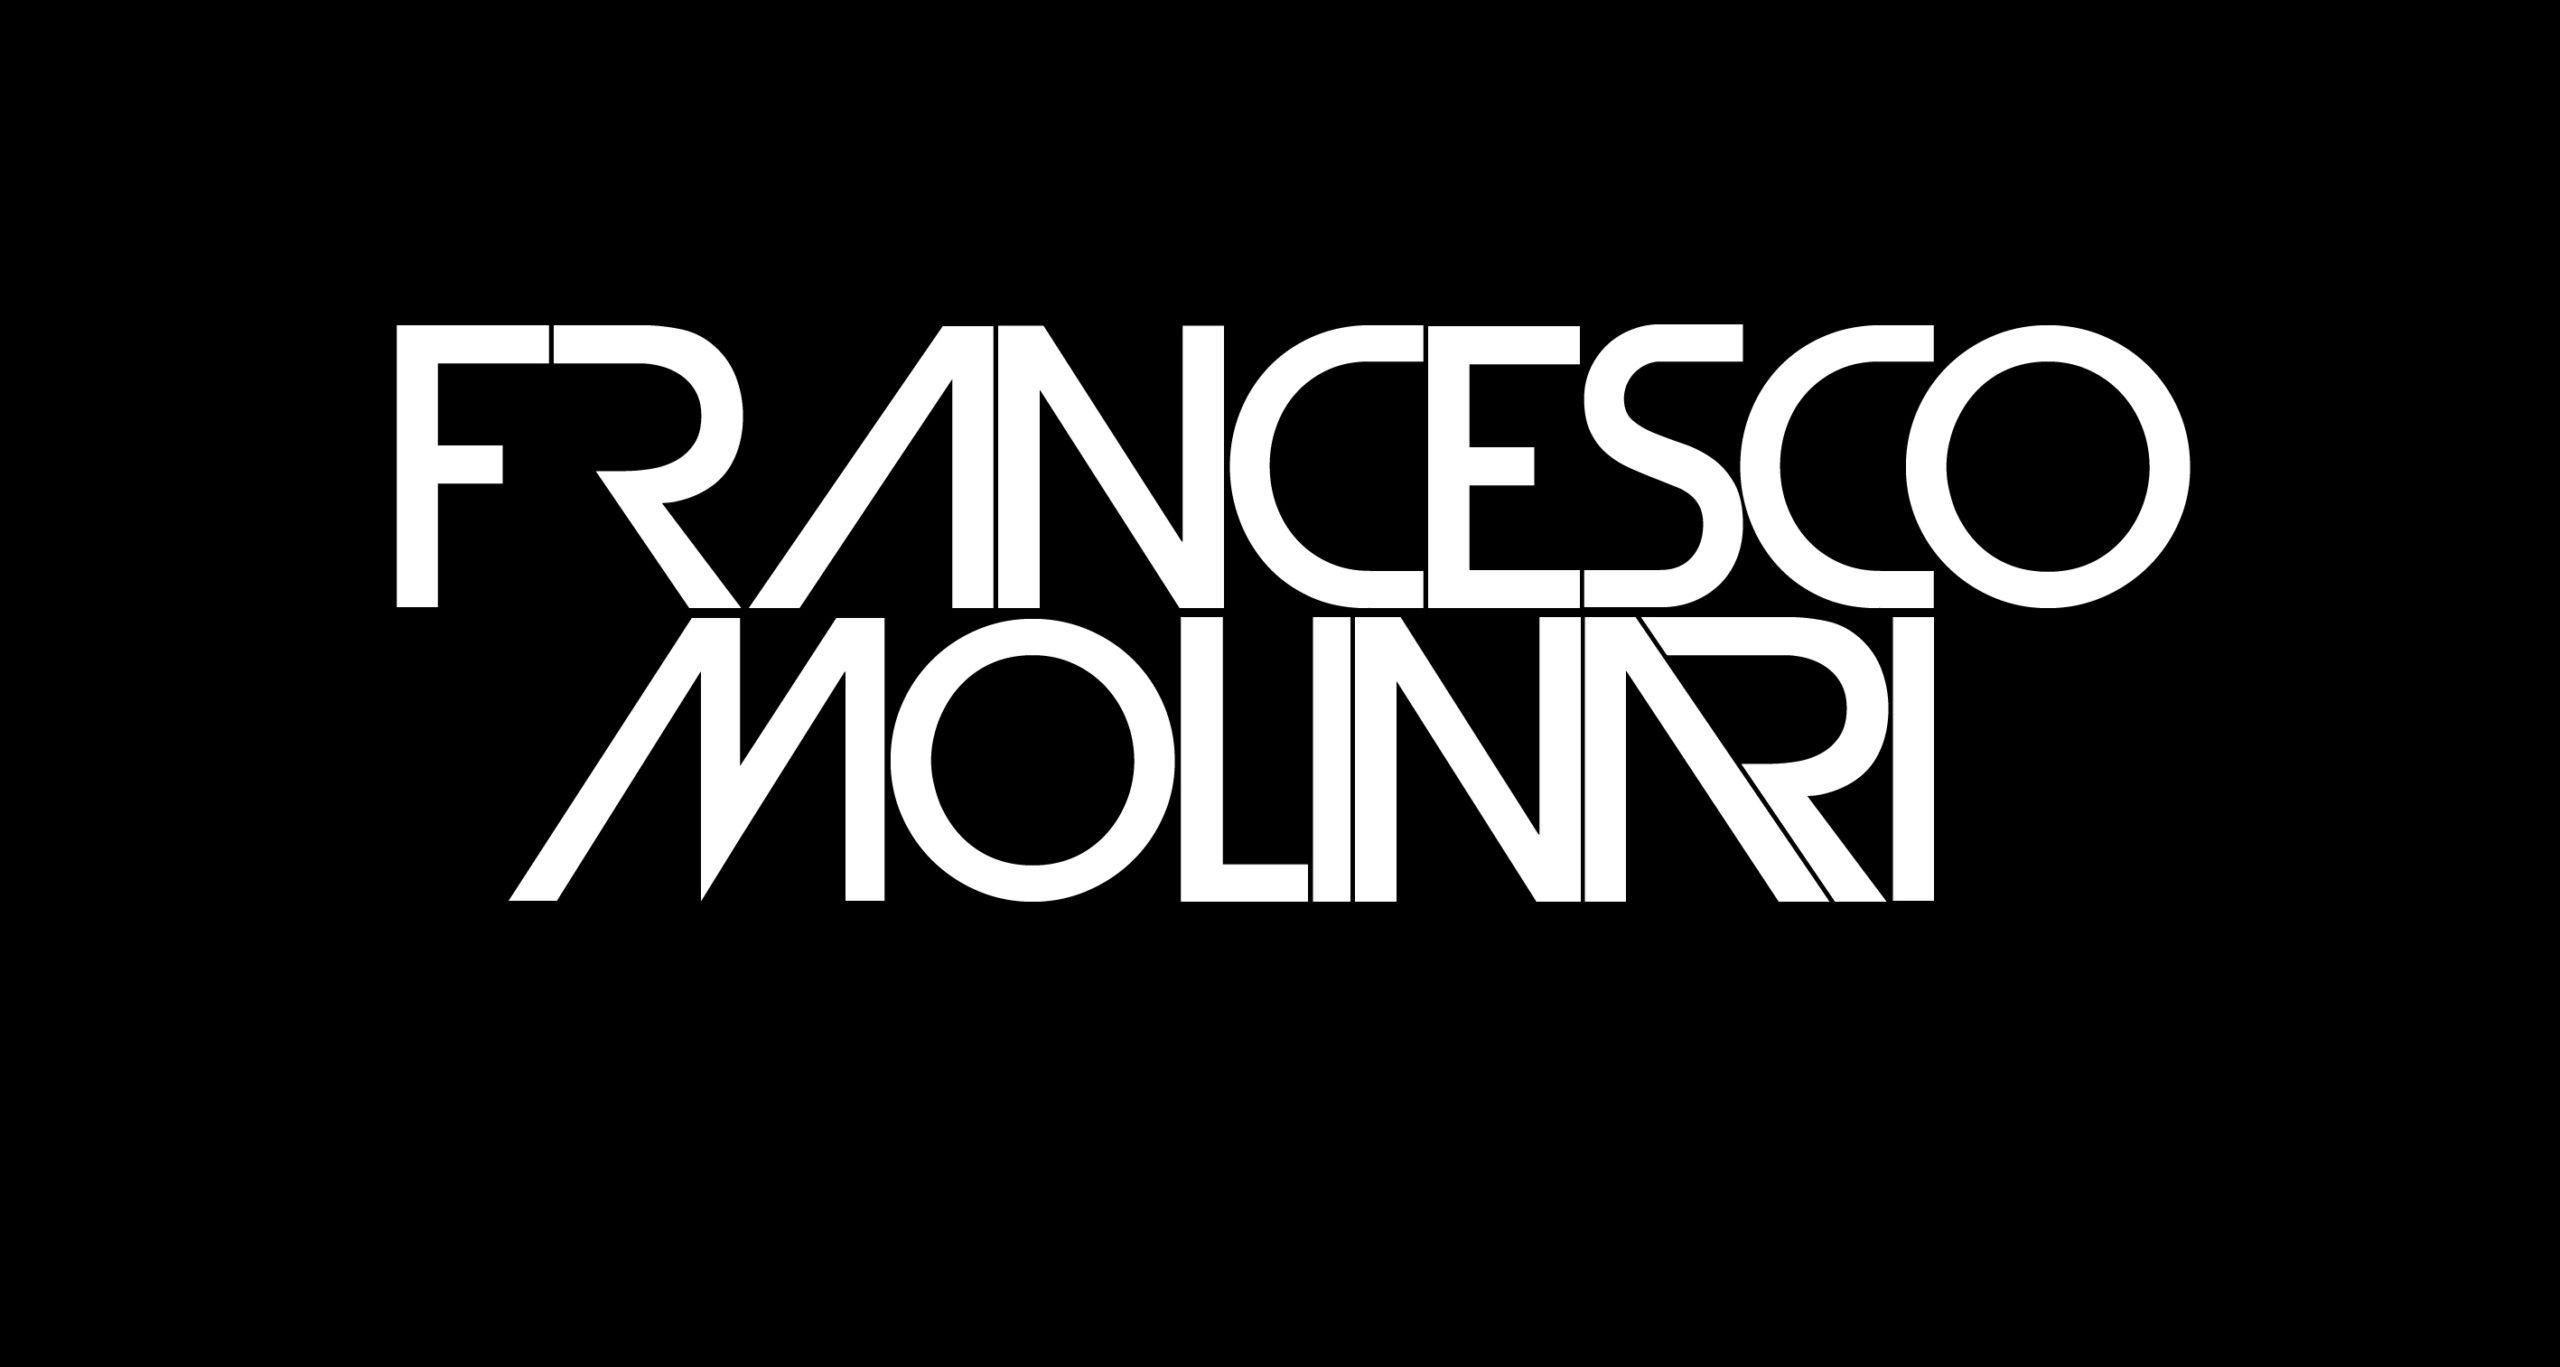 Francesco Molinari DJ - Official Website